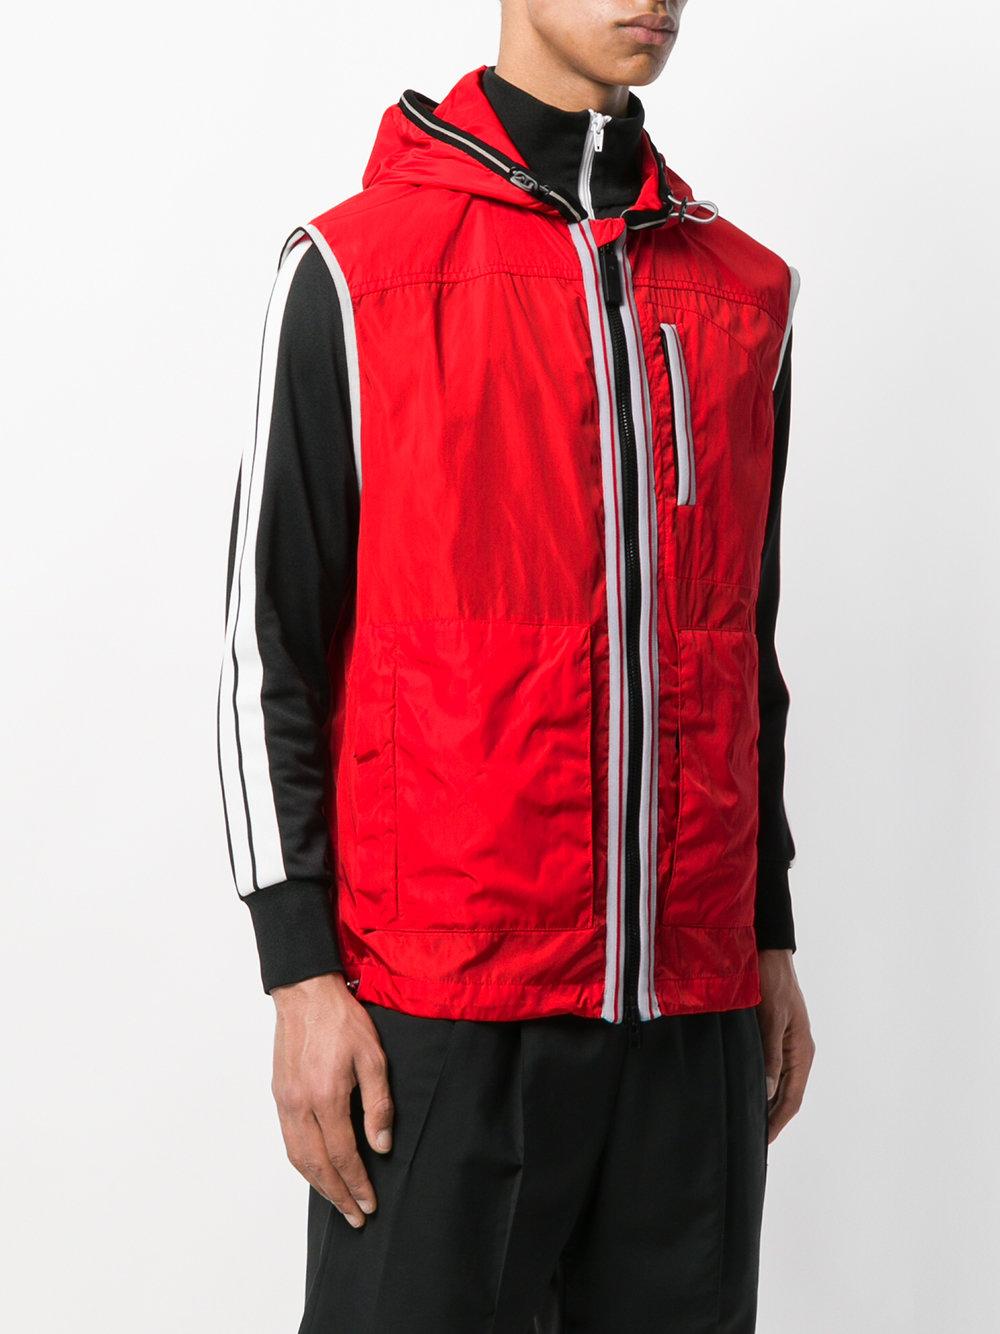 Chaleco con capucha - rojo cbaf4d6ad813